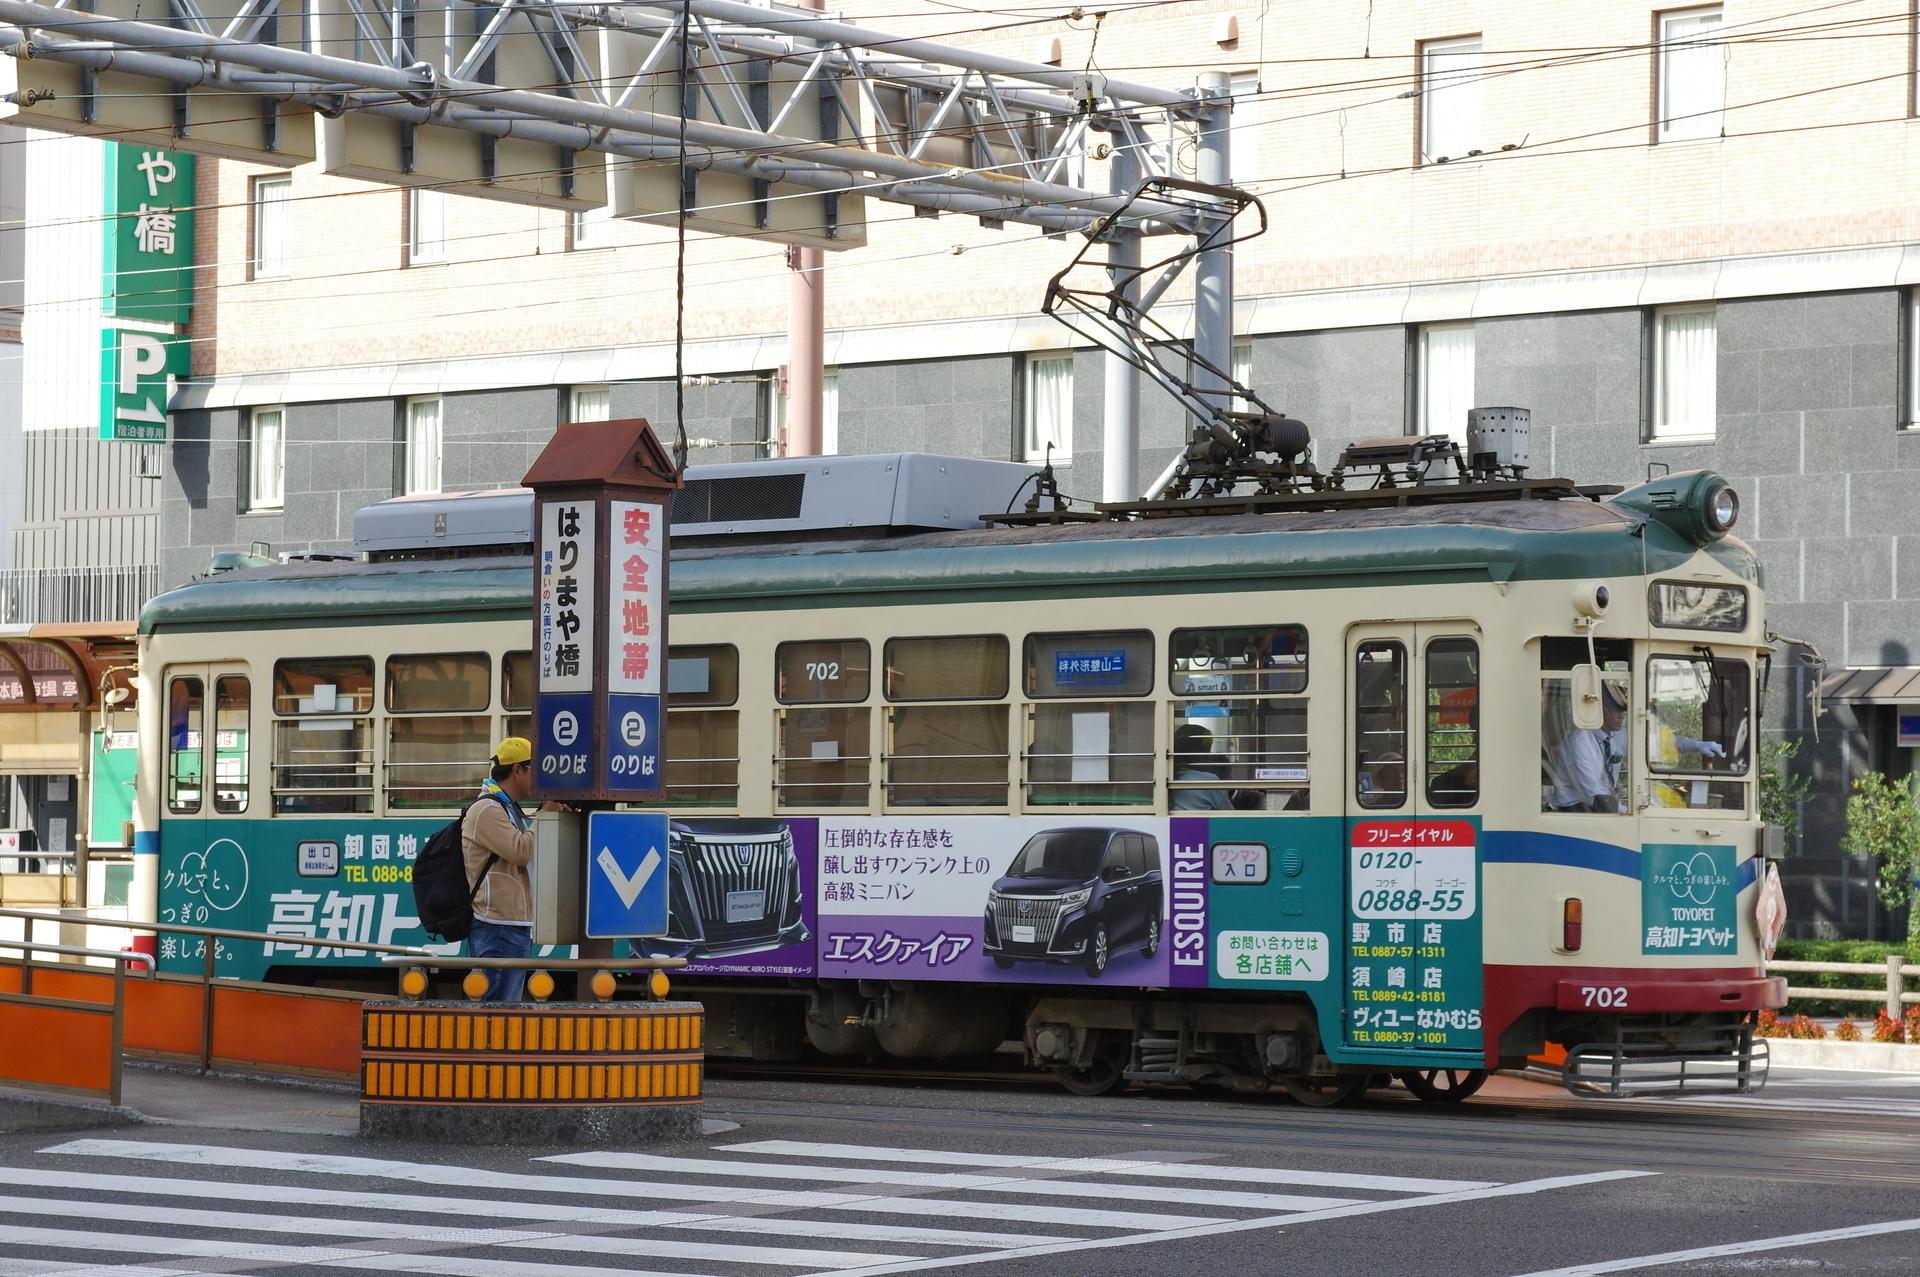 700形702号 (高知トヨペット エスクァイア)